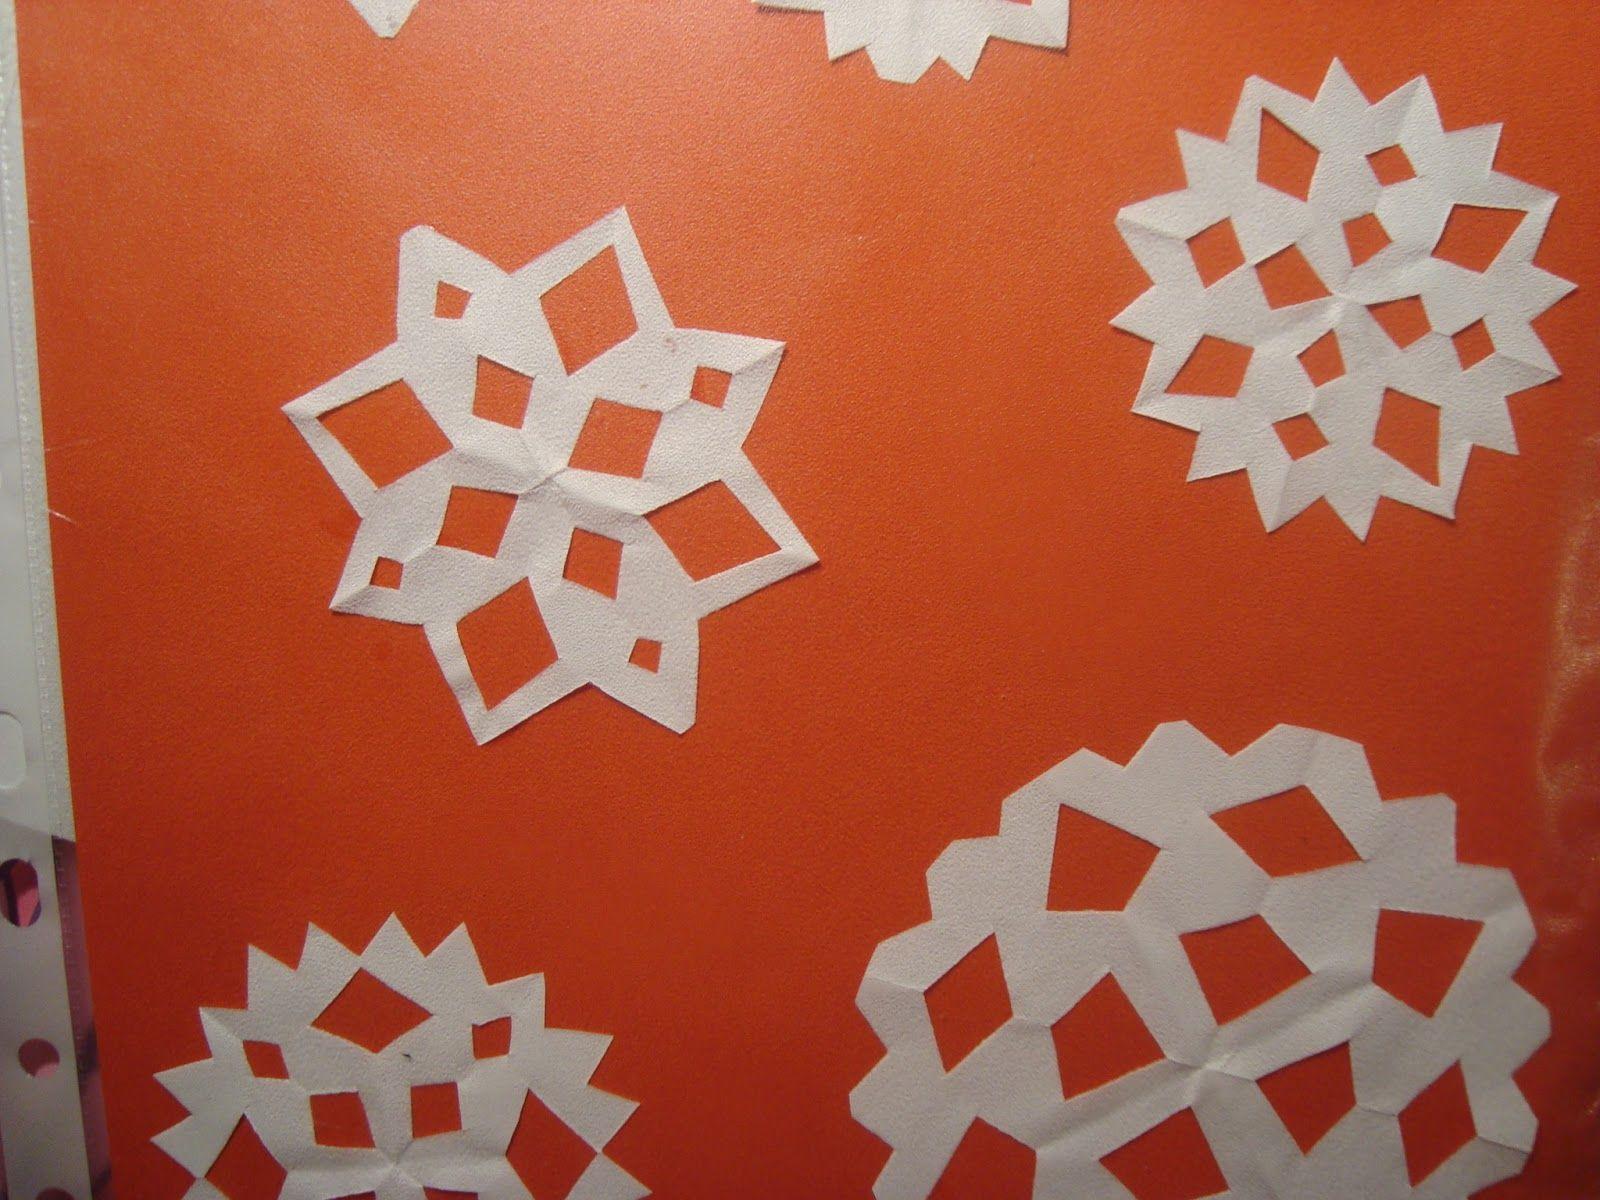 Weihnachtsbasteln Sterne Aus Goldpapier.Kreativ Blog Von Ke Si Sterne Aus Muffinpapier Basteln Mit